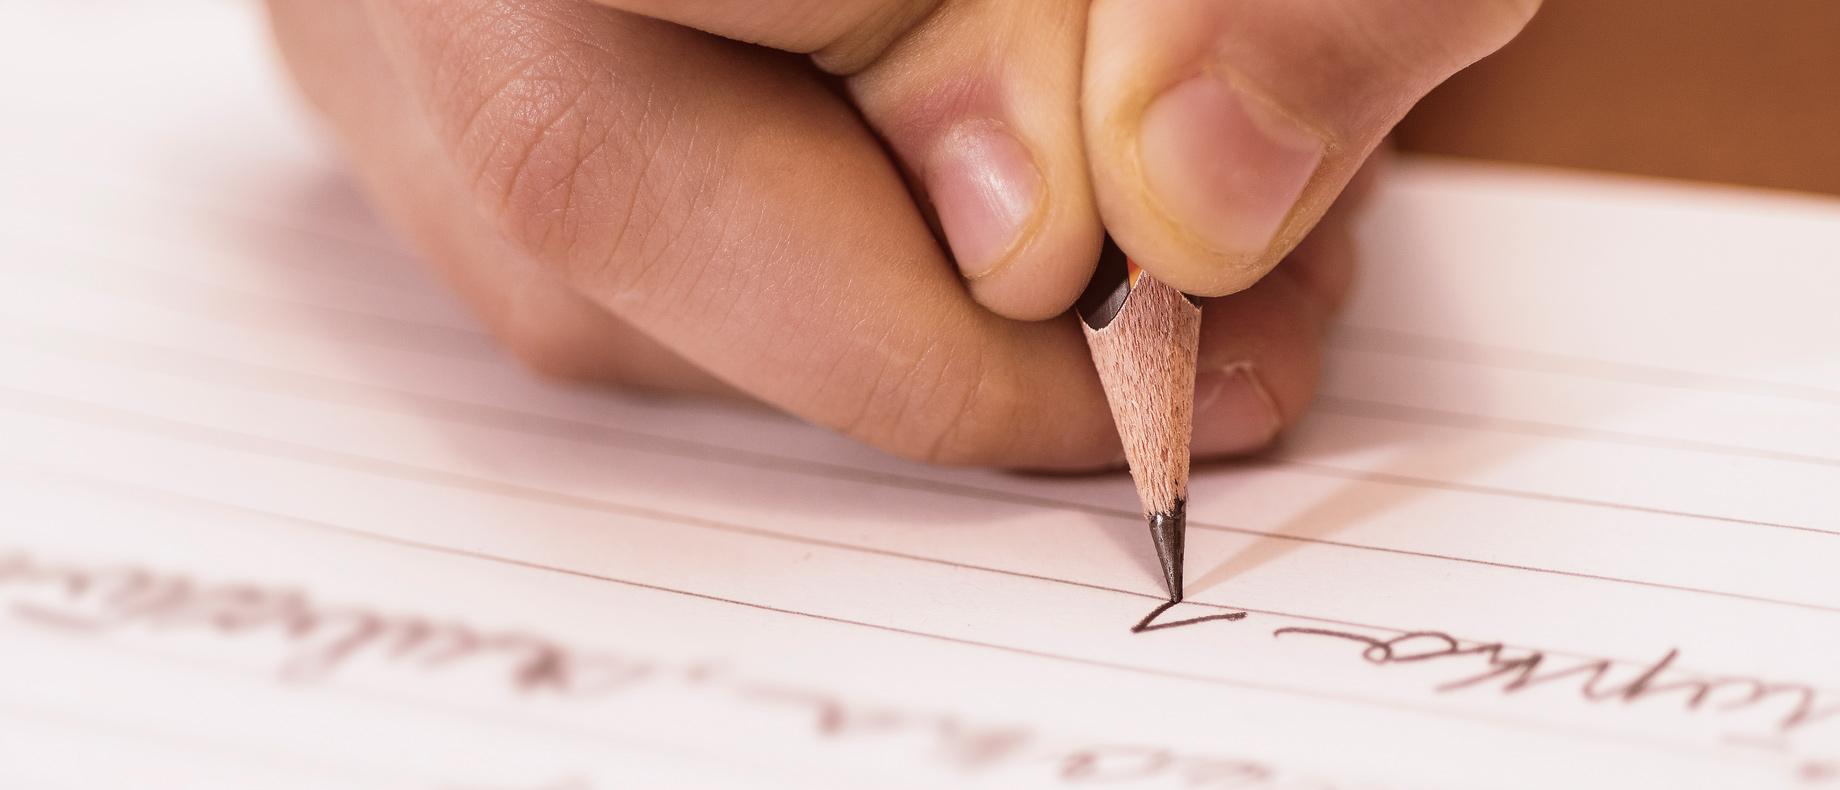 Foto em detalhe de mão escrevendo a lápis em um caderno (crédito: Victority – iStock)